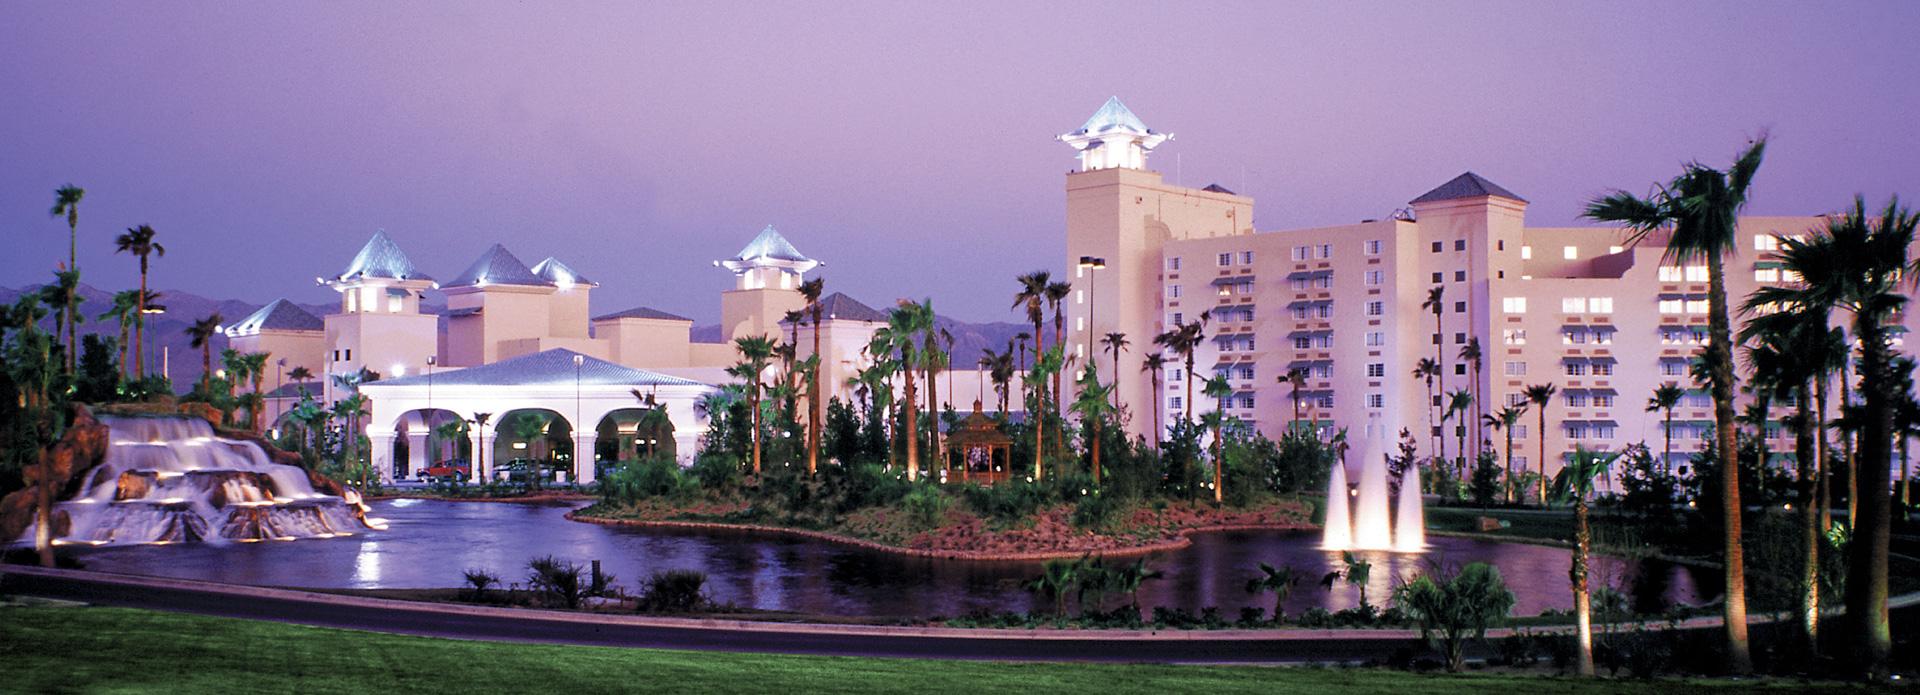 casino hire birmingham